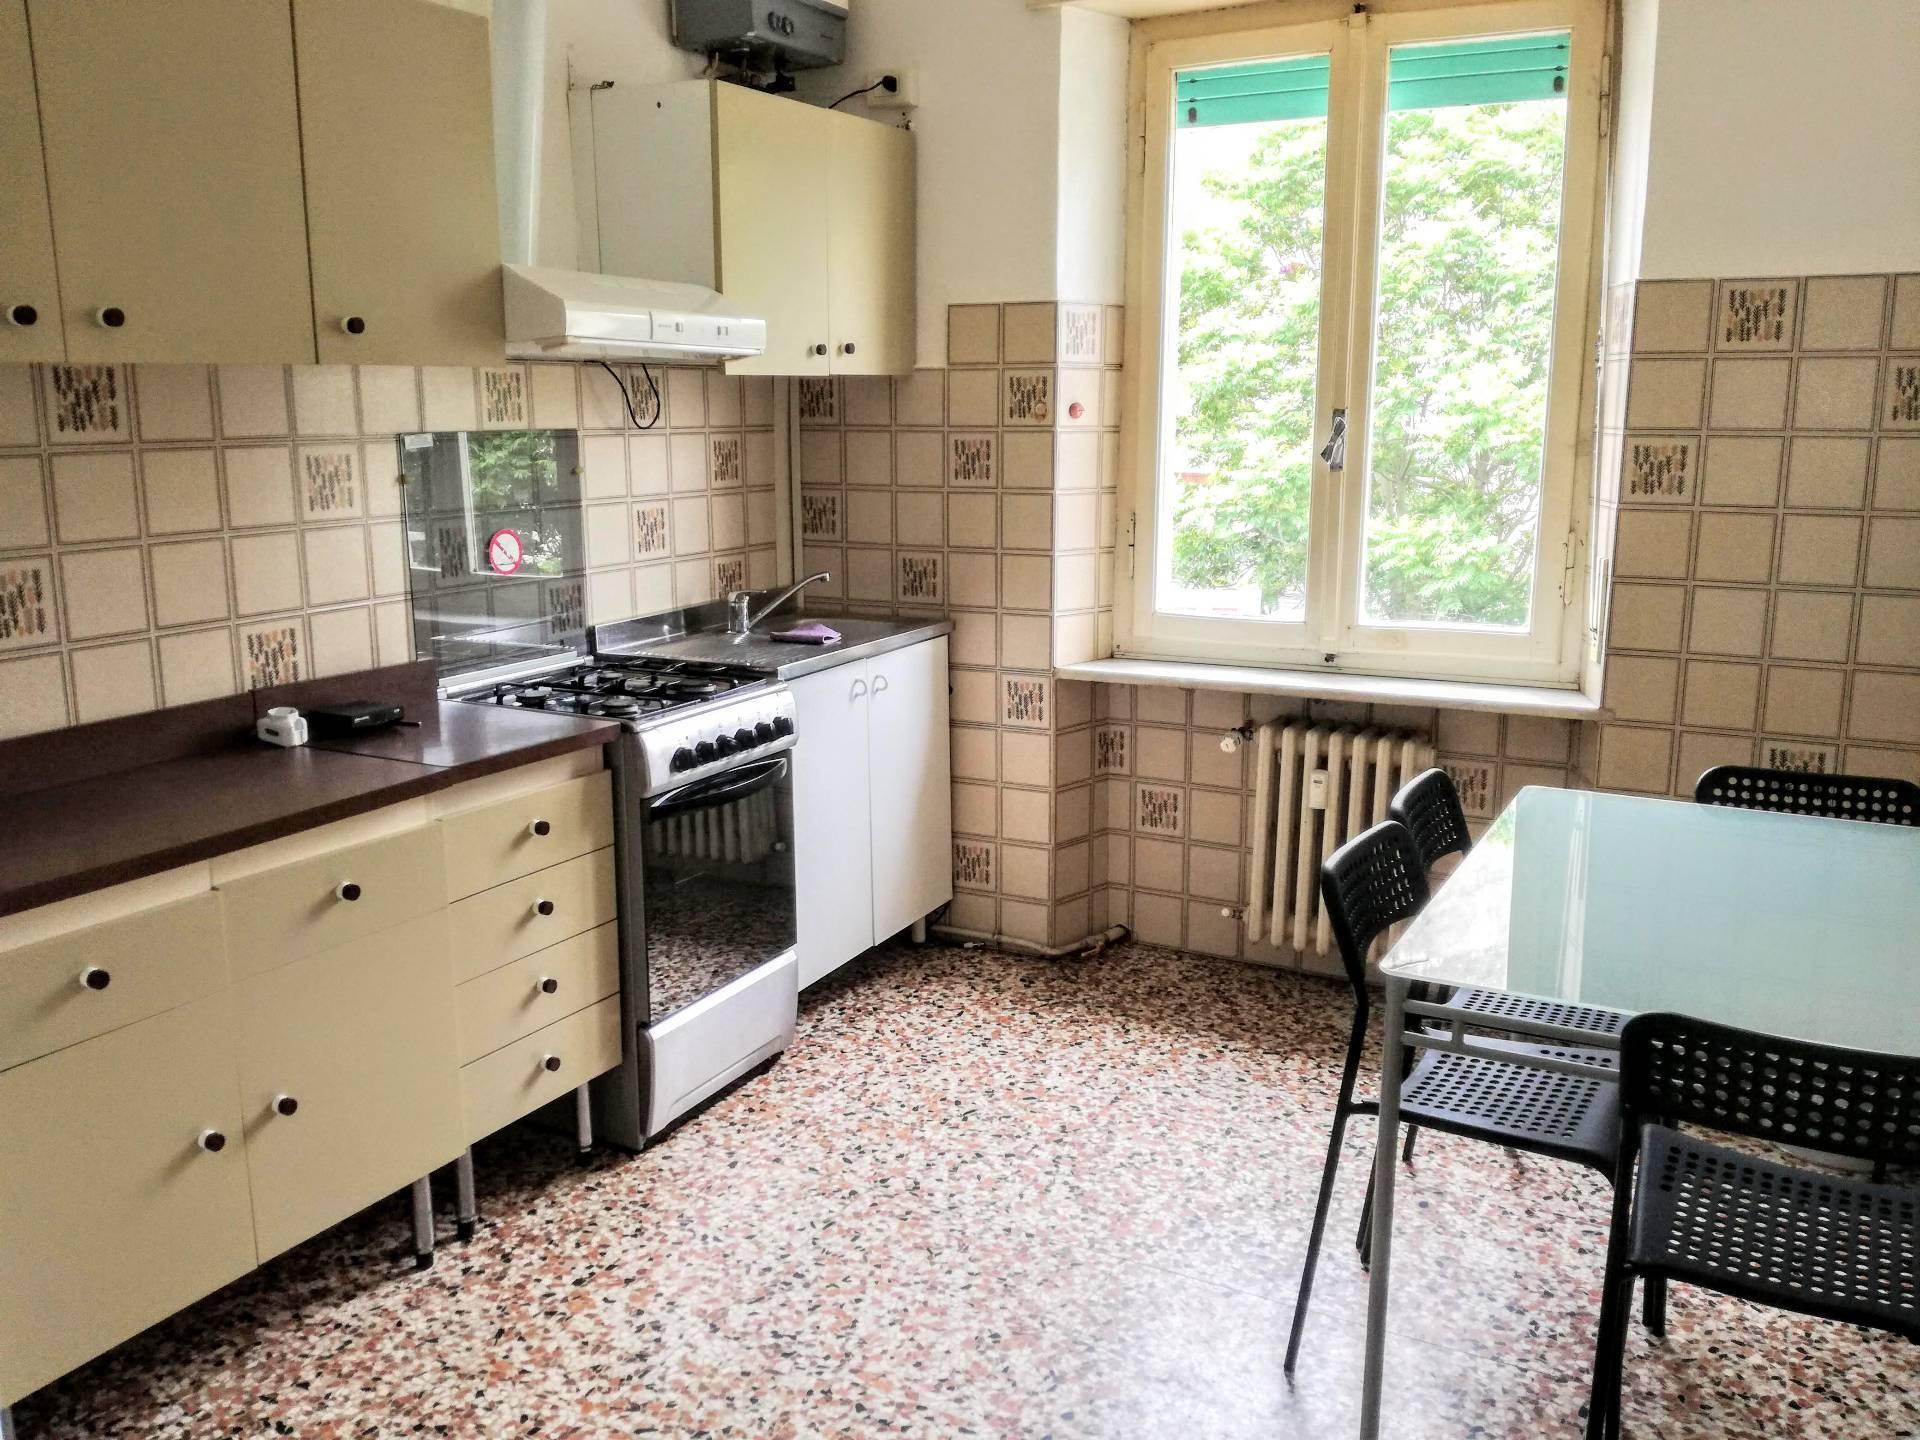 Appartamento in affitto a Casale Monferrato, 3 locali, prezzo € 320 | CambioCasa.it